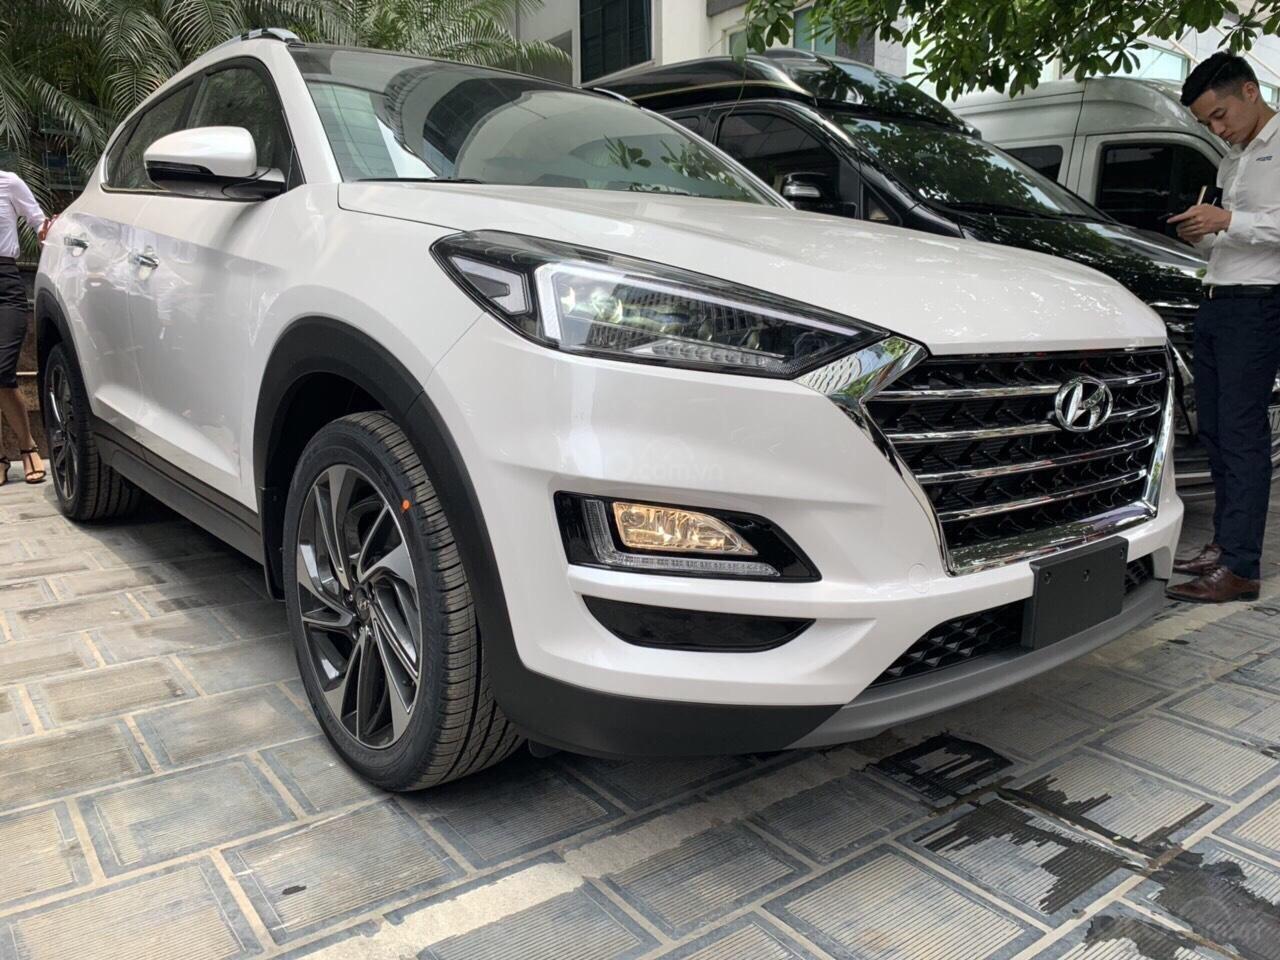 Cần bán xe Tucson 2.0AT đặc biệt 2019, giá 858 triệu đồng (13)